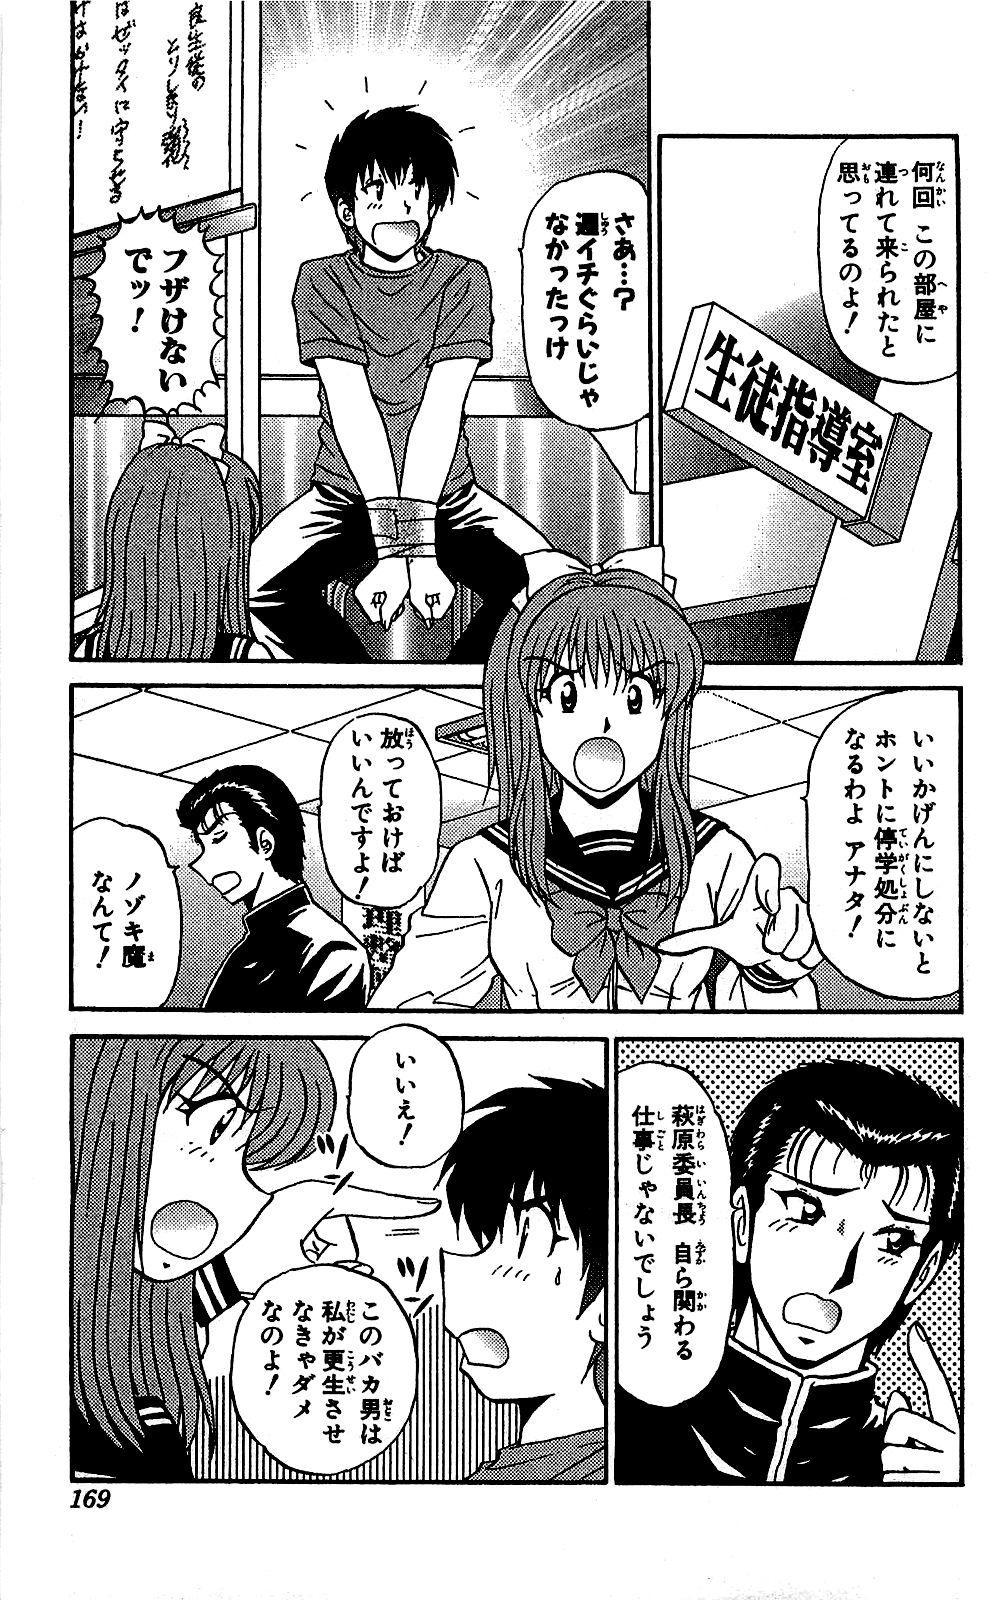 Miracle Make Yuuji 169